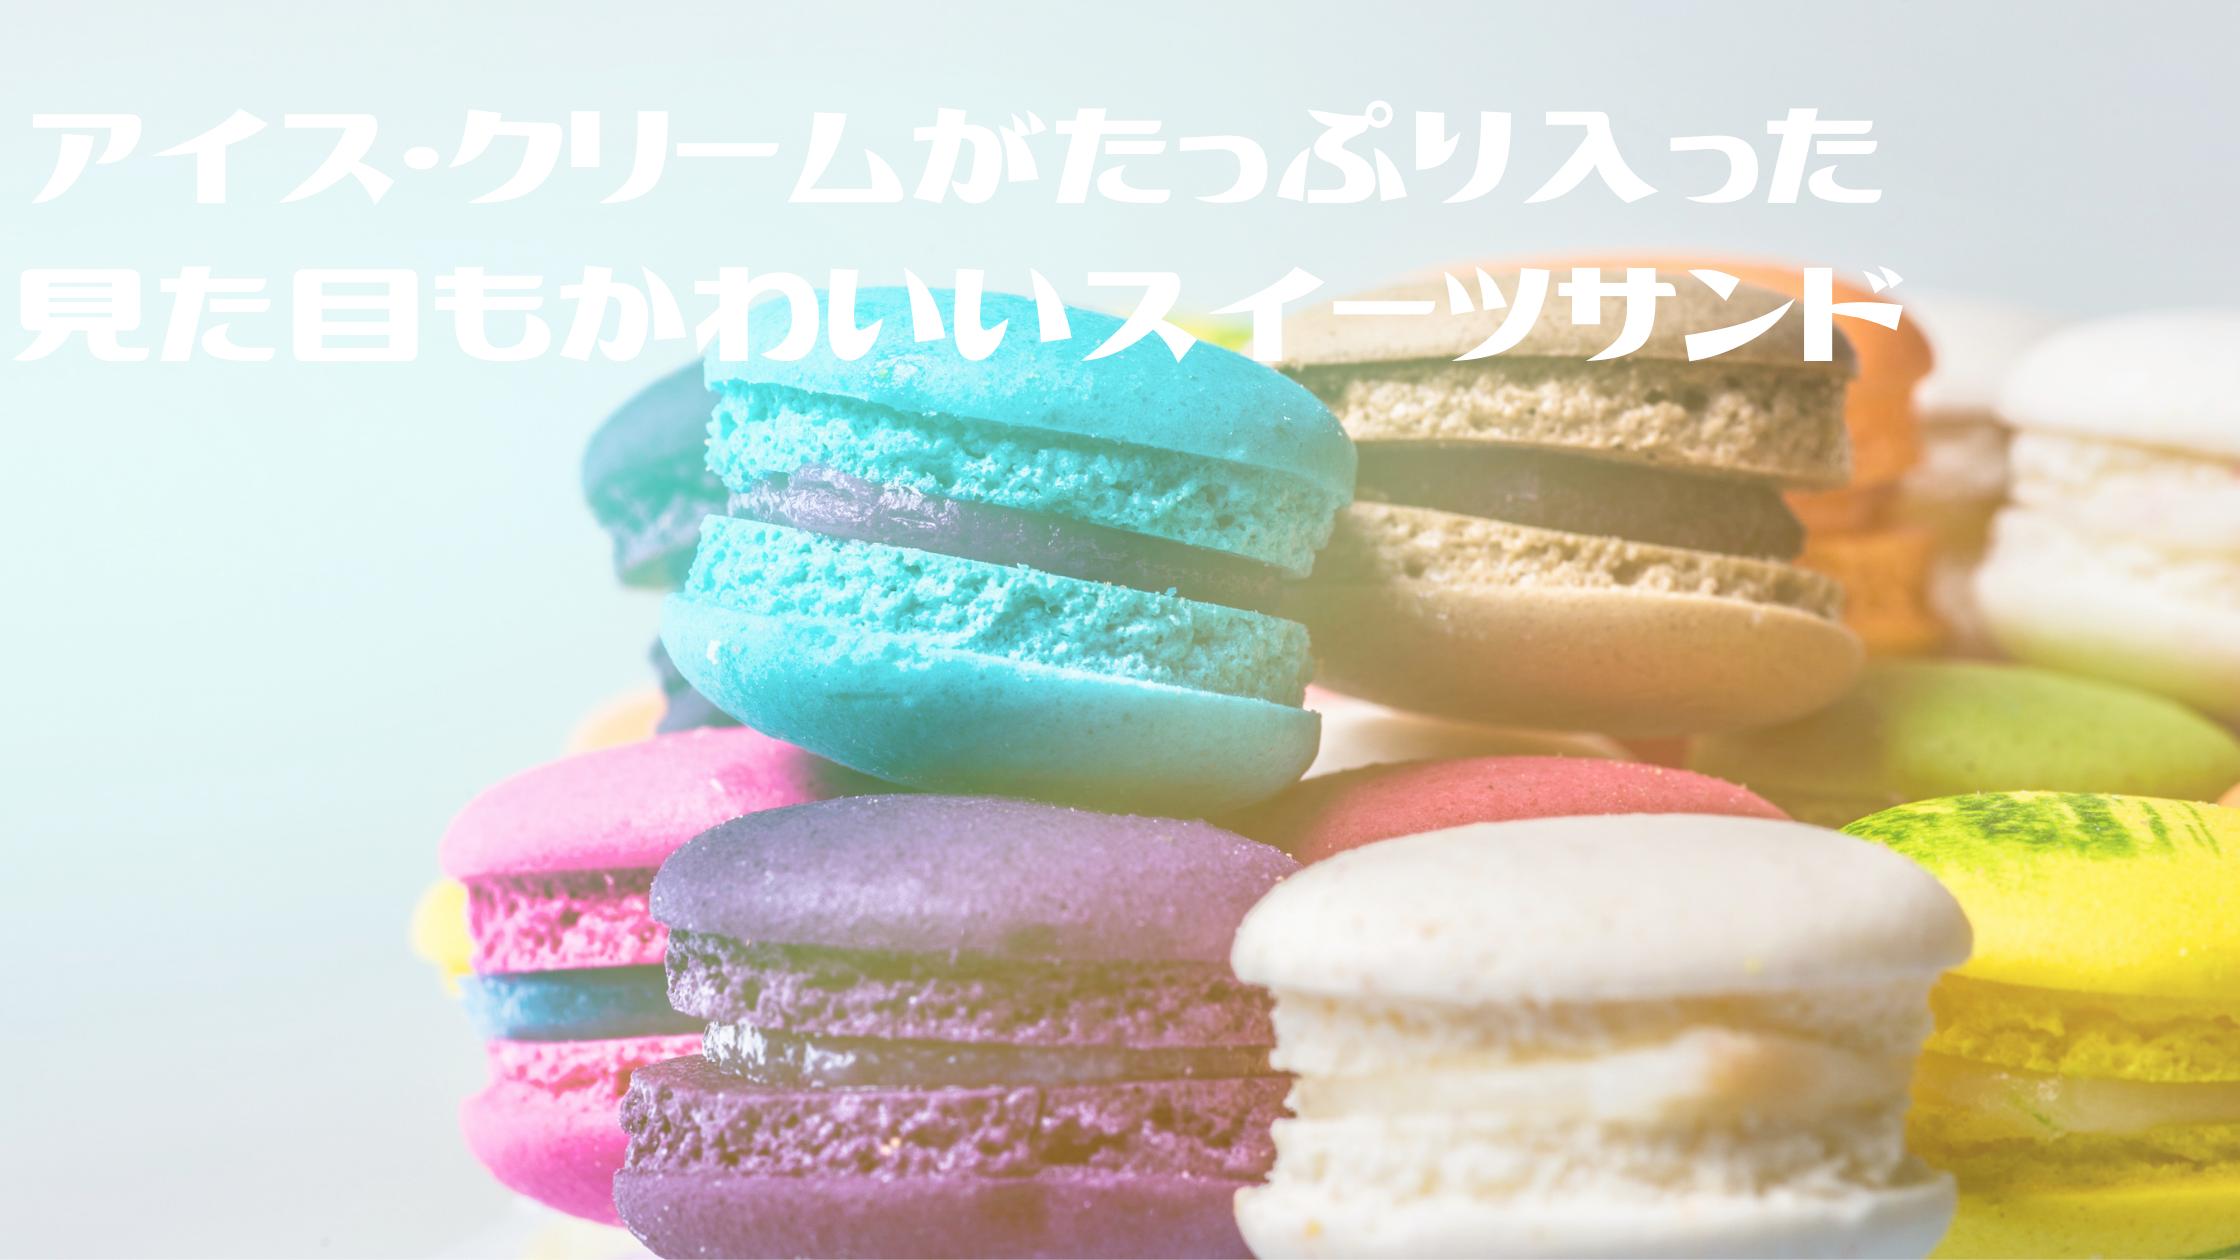 【めざましテレビ】アイス・クリームがたっぷり入ったお取り寄せスイーツサンド『ブルーシールアイスをサンド』『京都RAUのスイーツ』『ベイクドマジック』